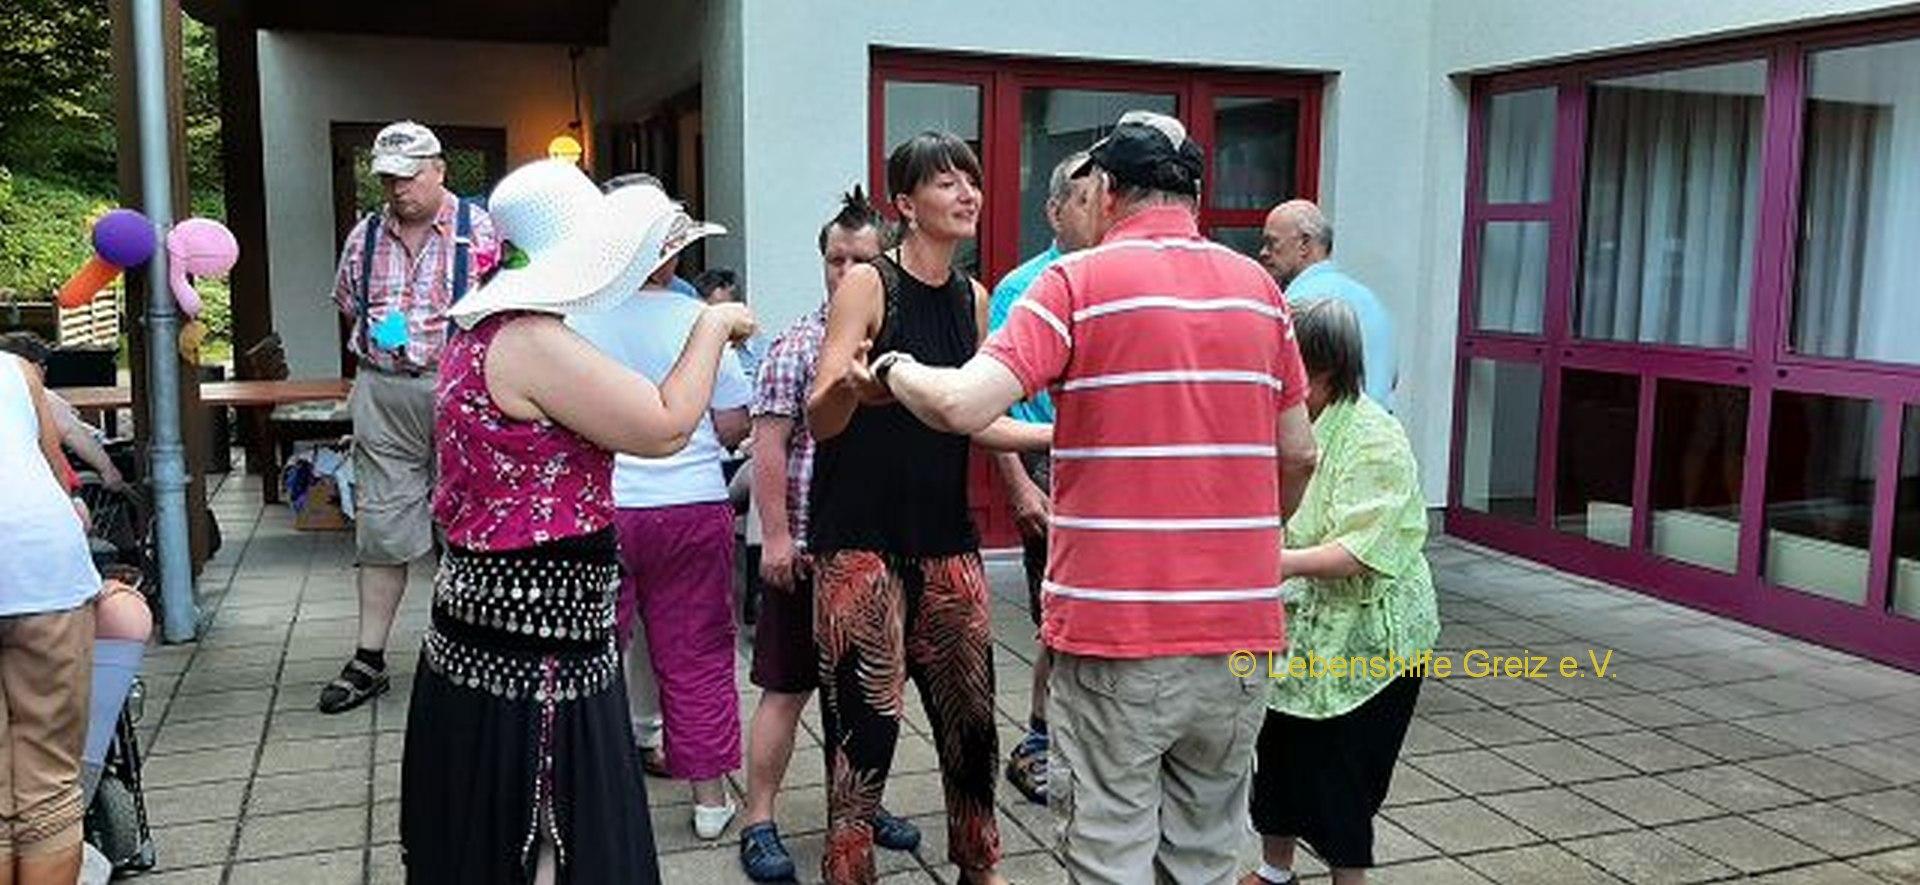 Sommerfest des Wohnhauses der Lebenshilfe Greiz